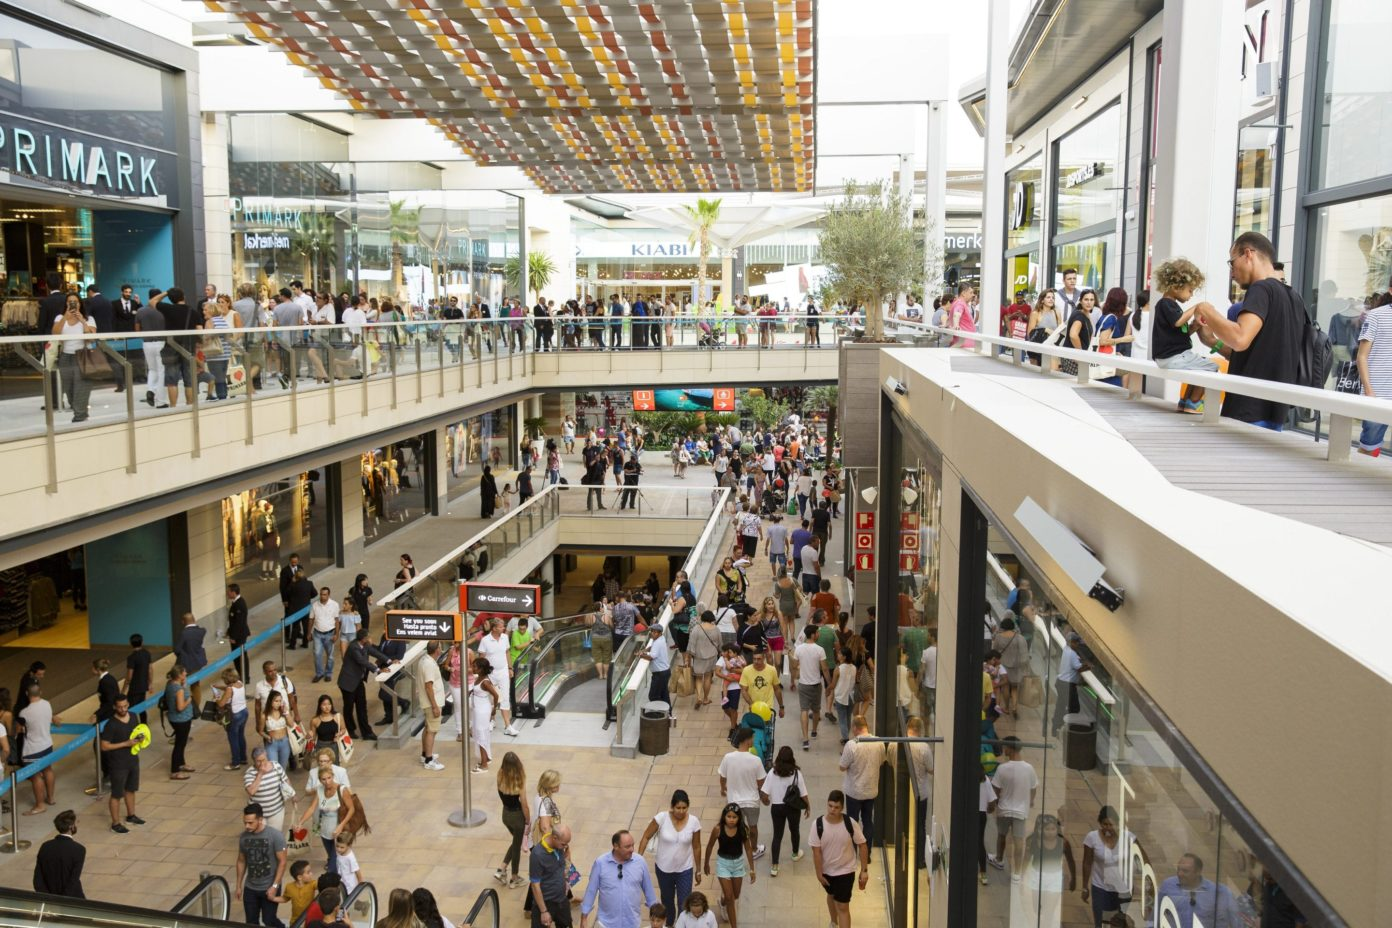 Centro comercial Fan Mallorca Shopping scaled